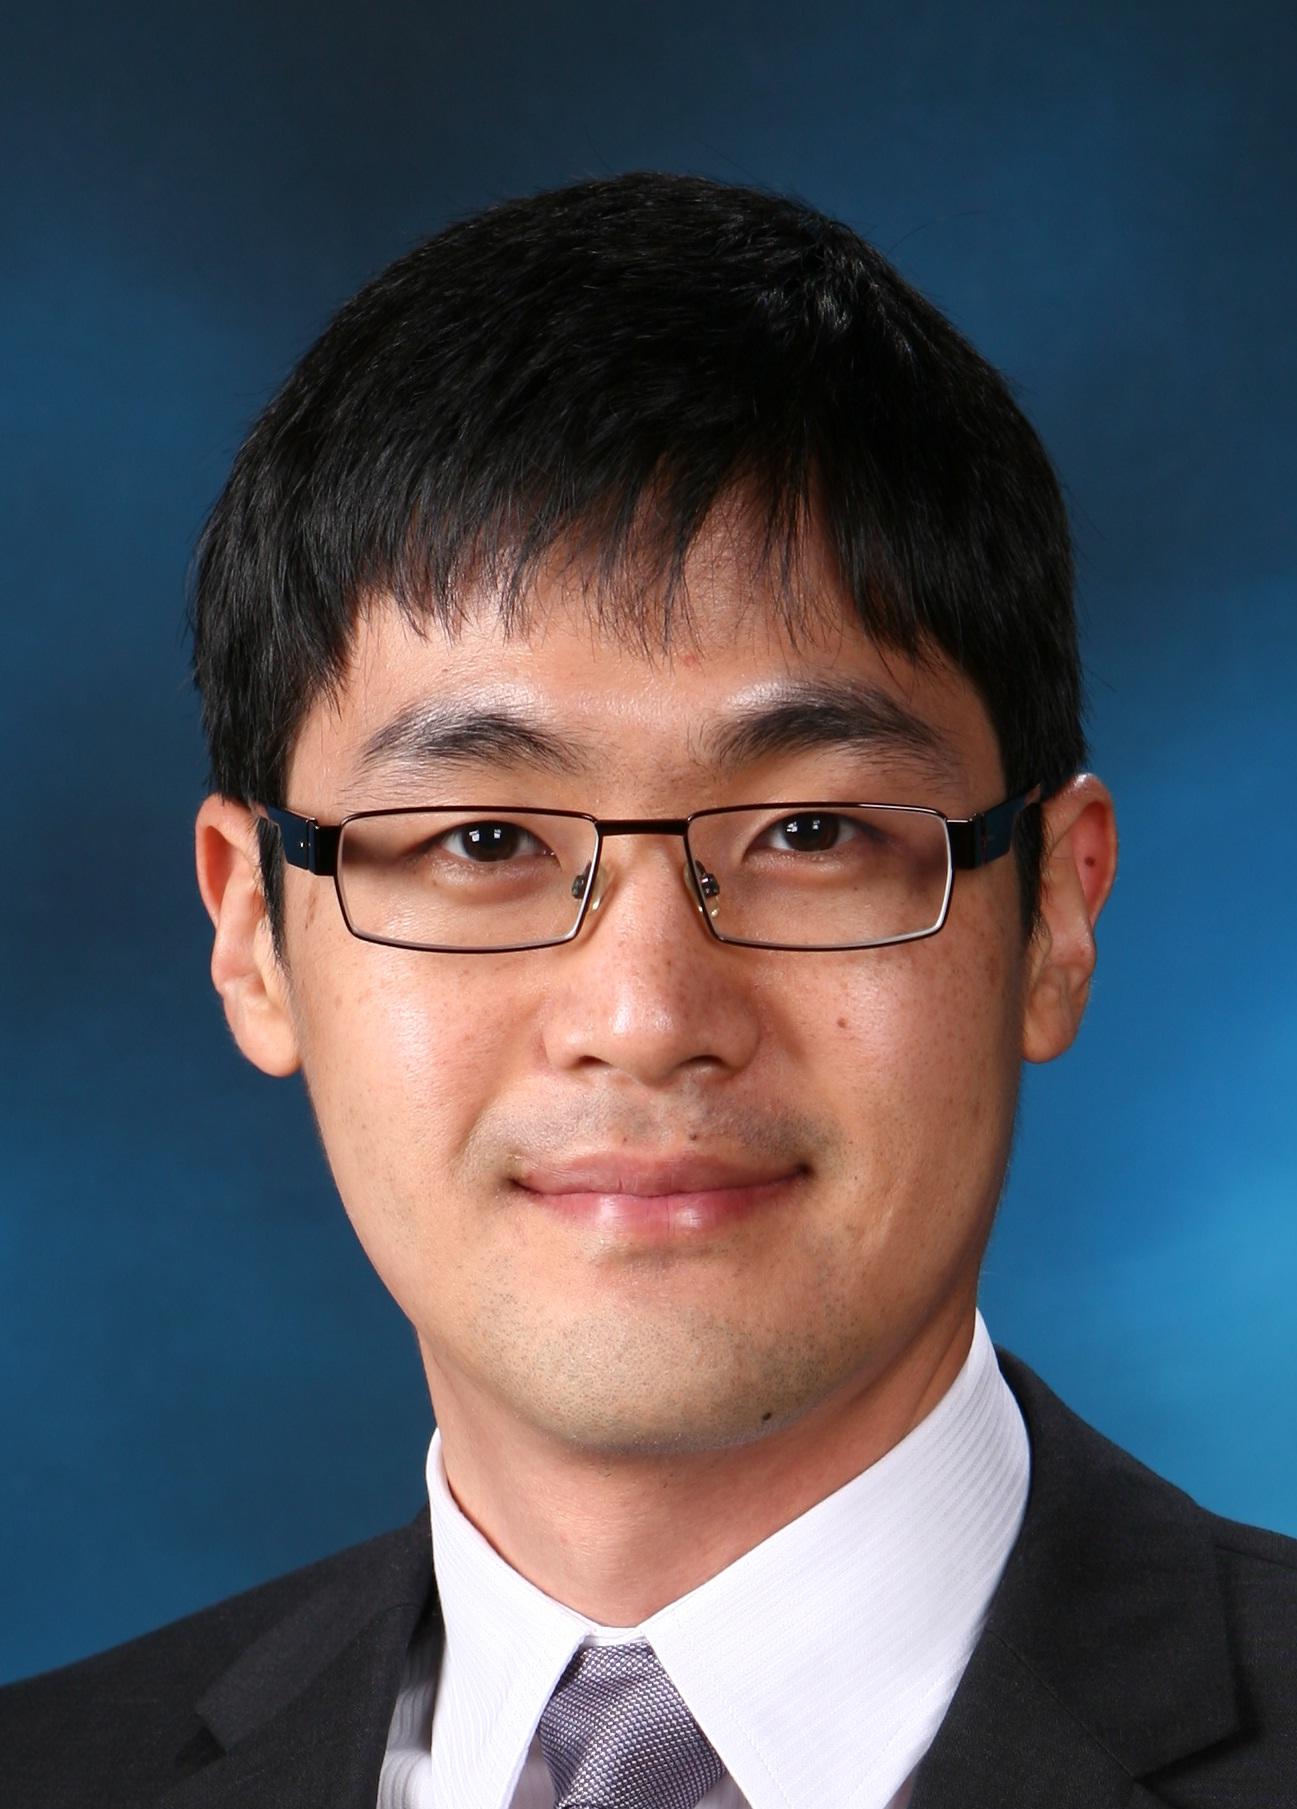 김욱진 교수님 사진